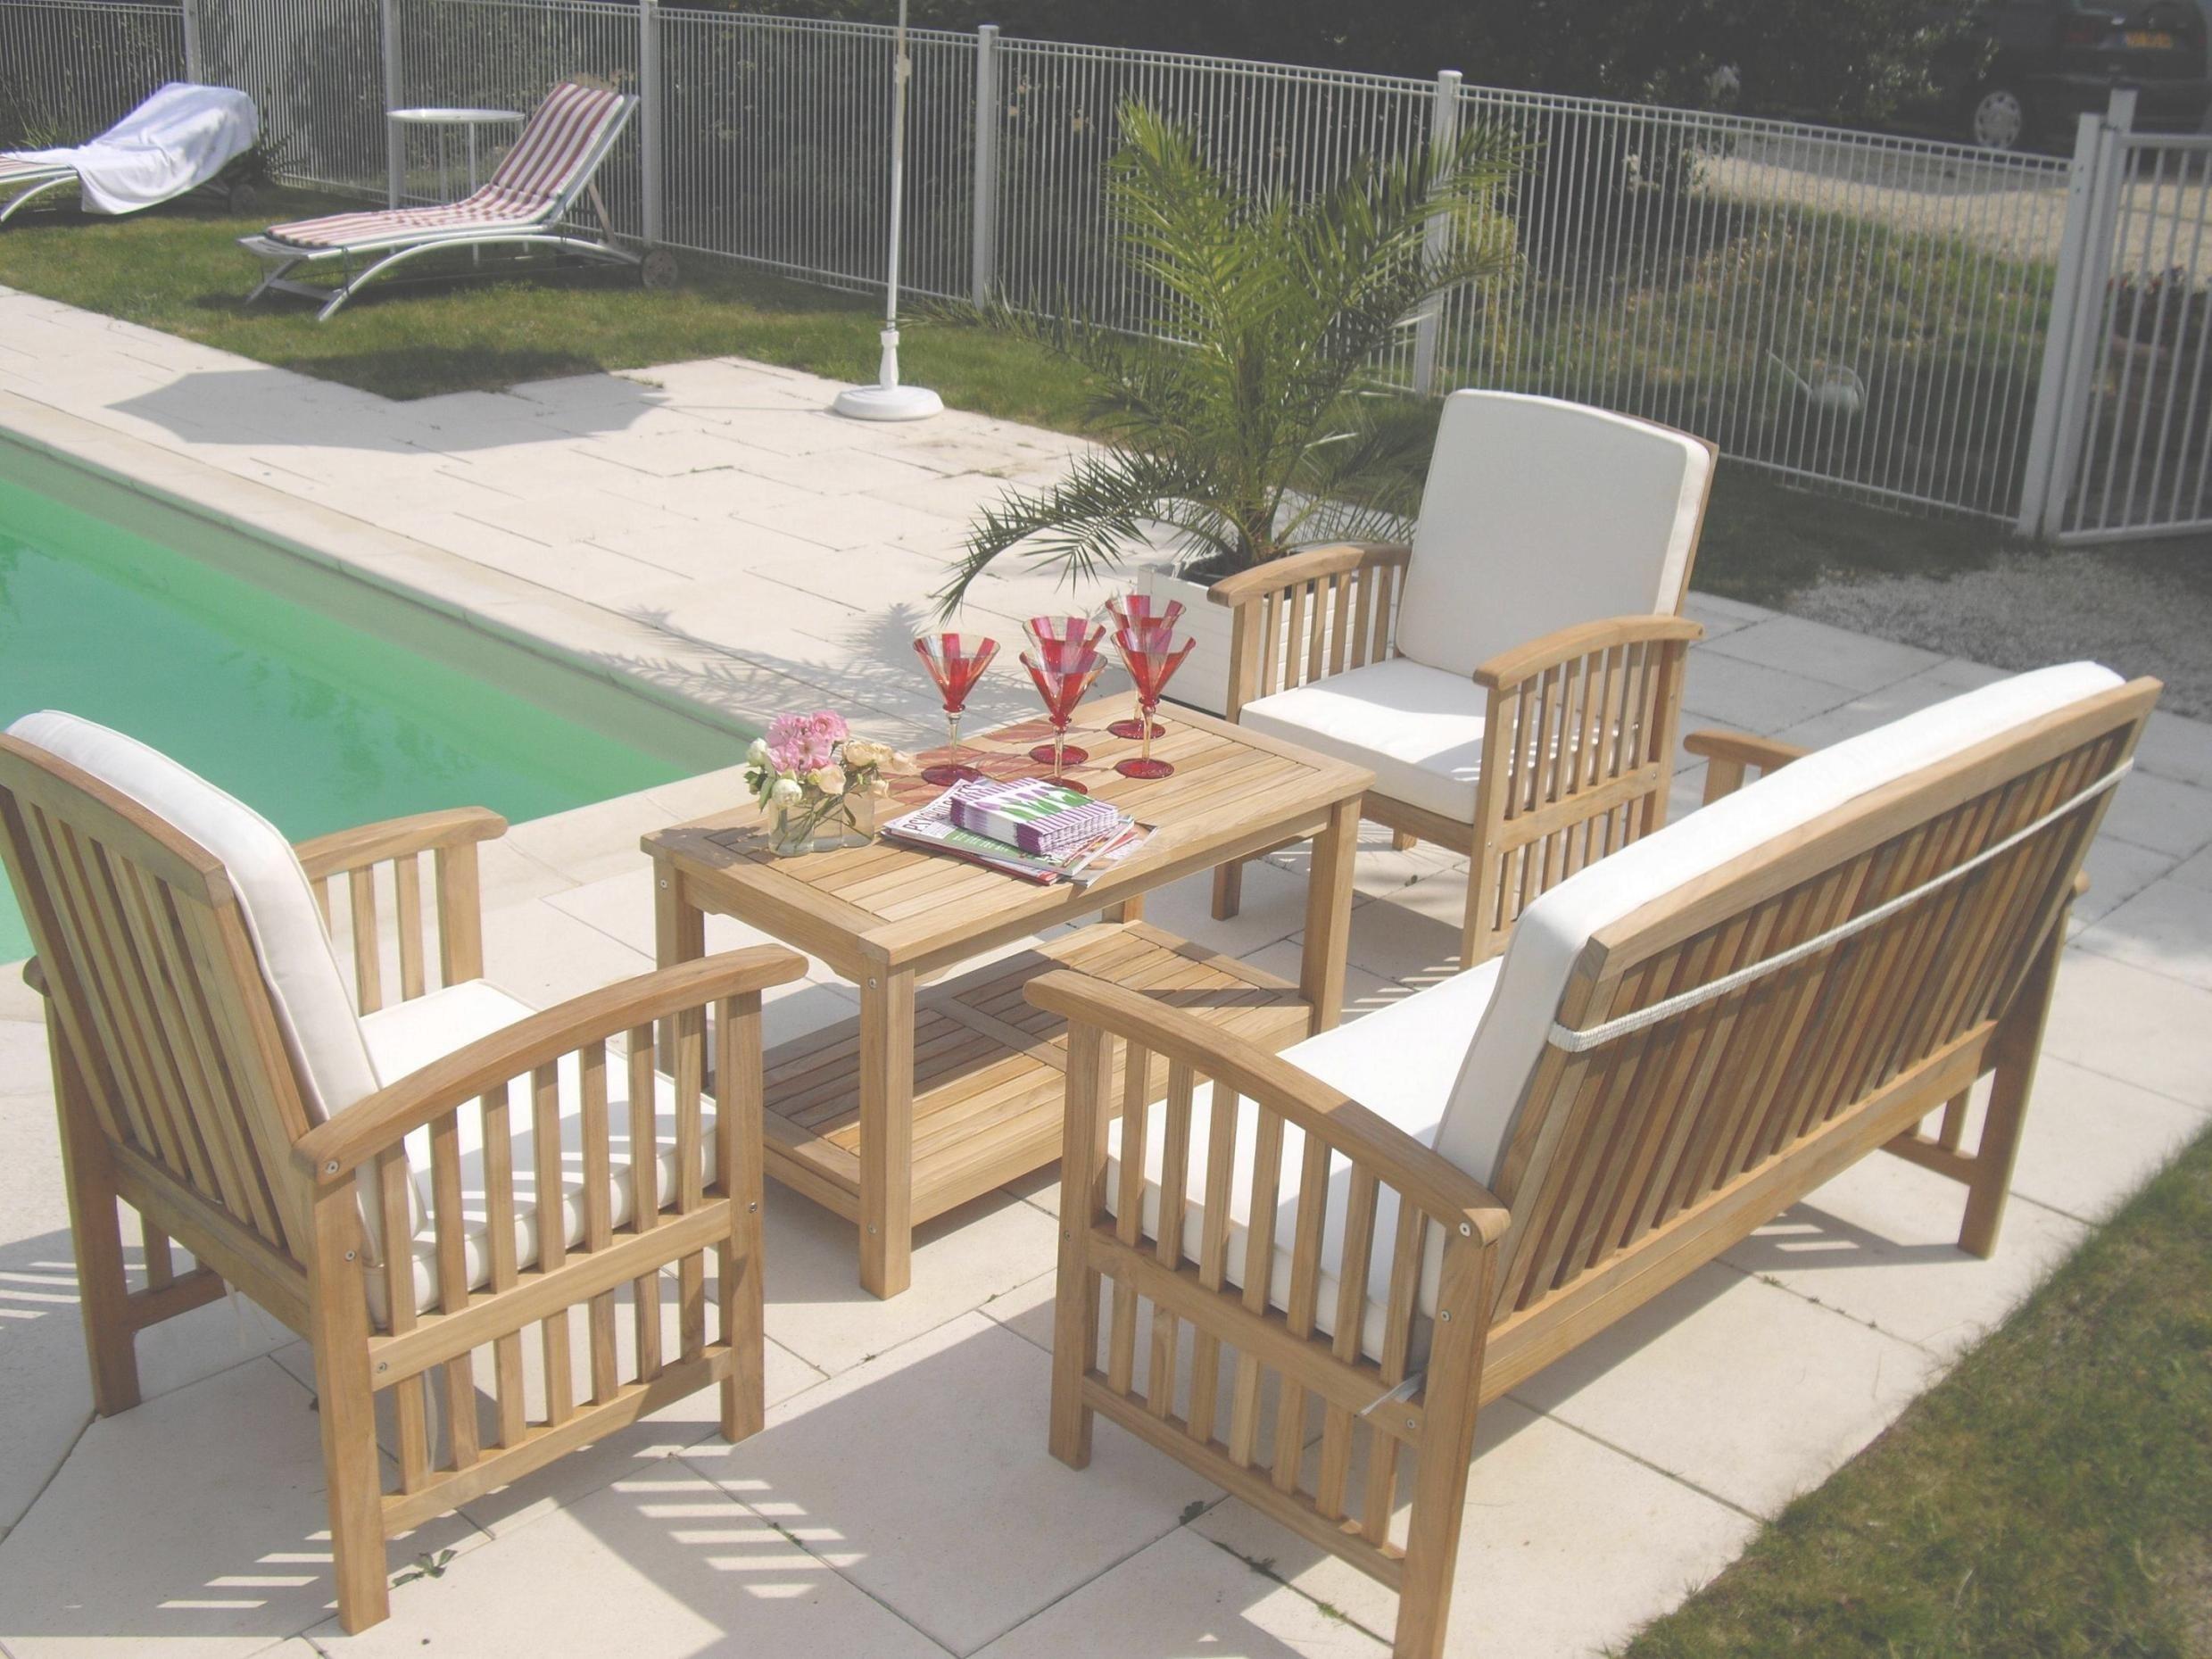 Salon de jardin aluminium messina - Jardin piscine et Cabane